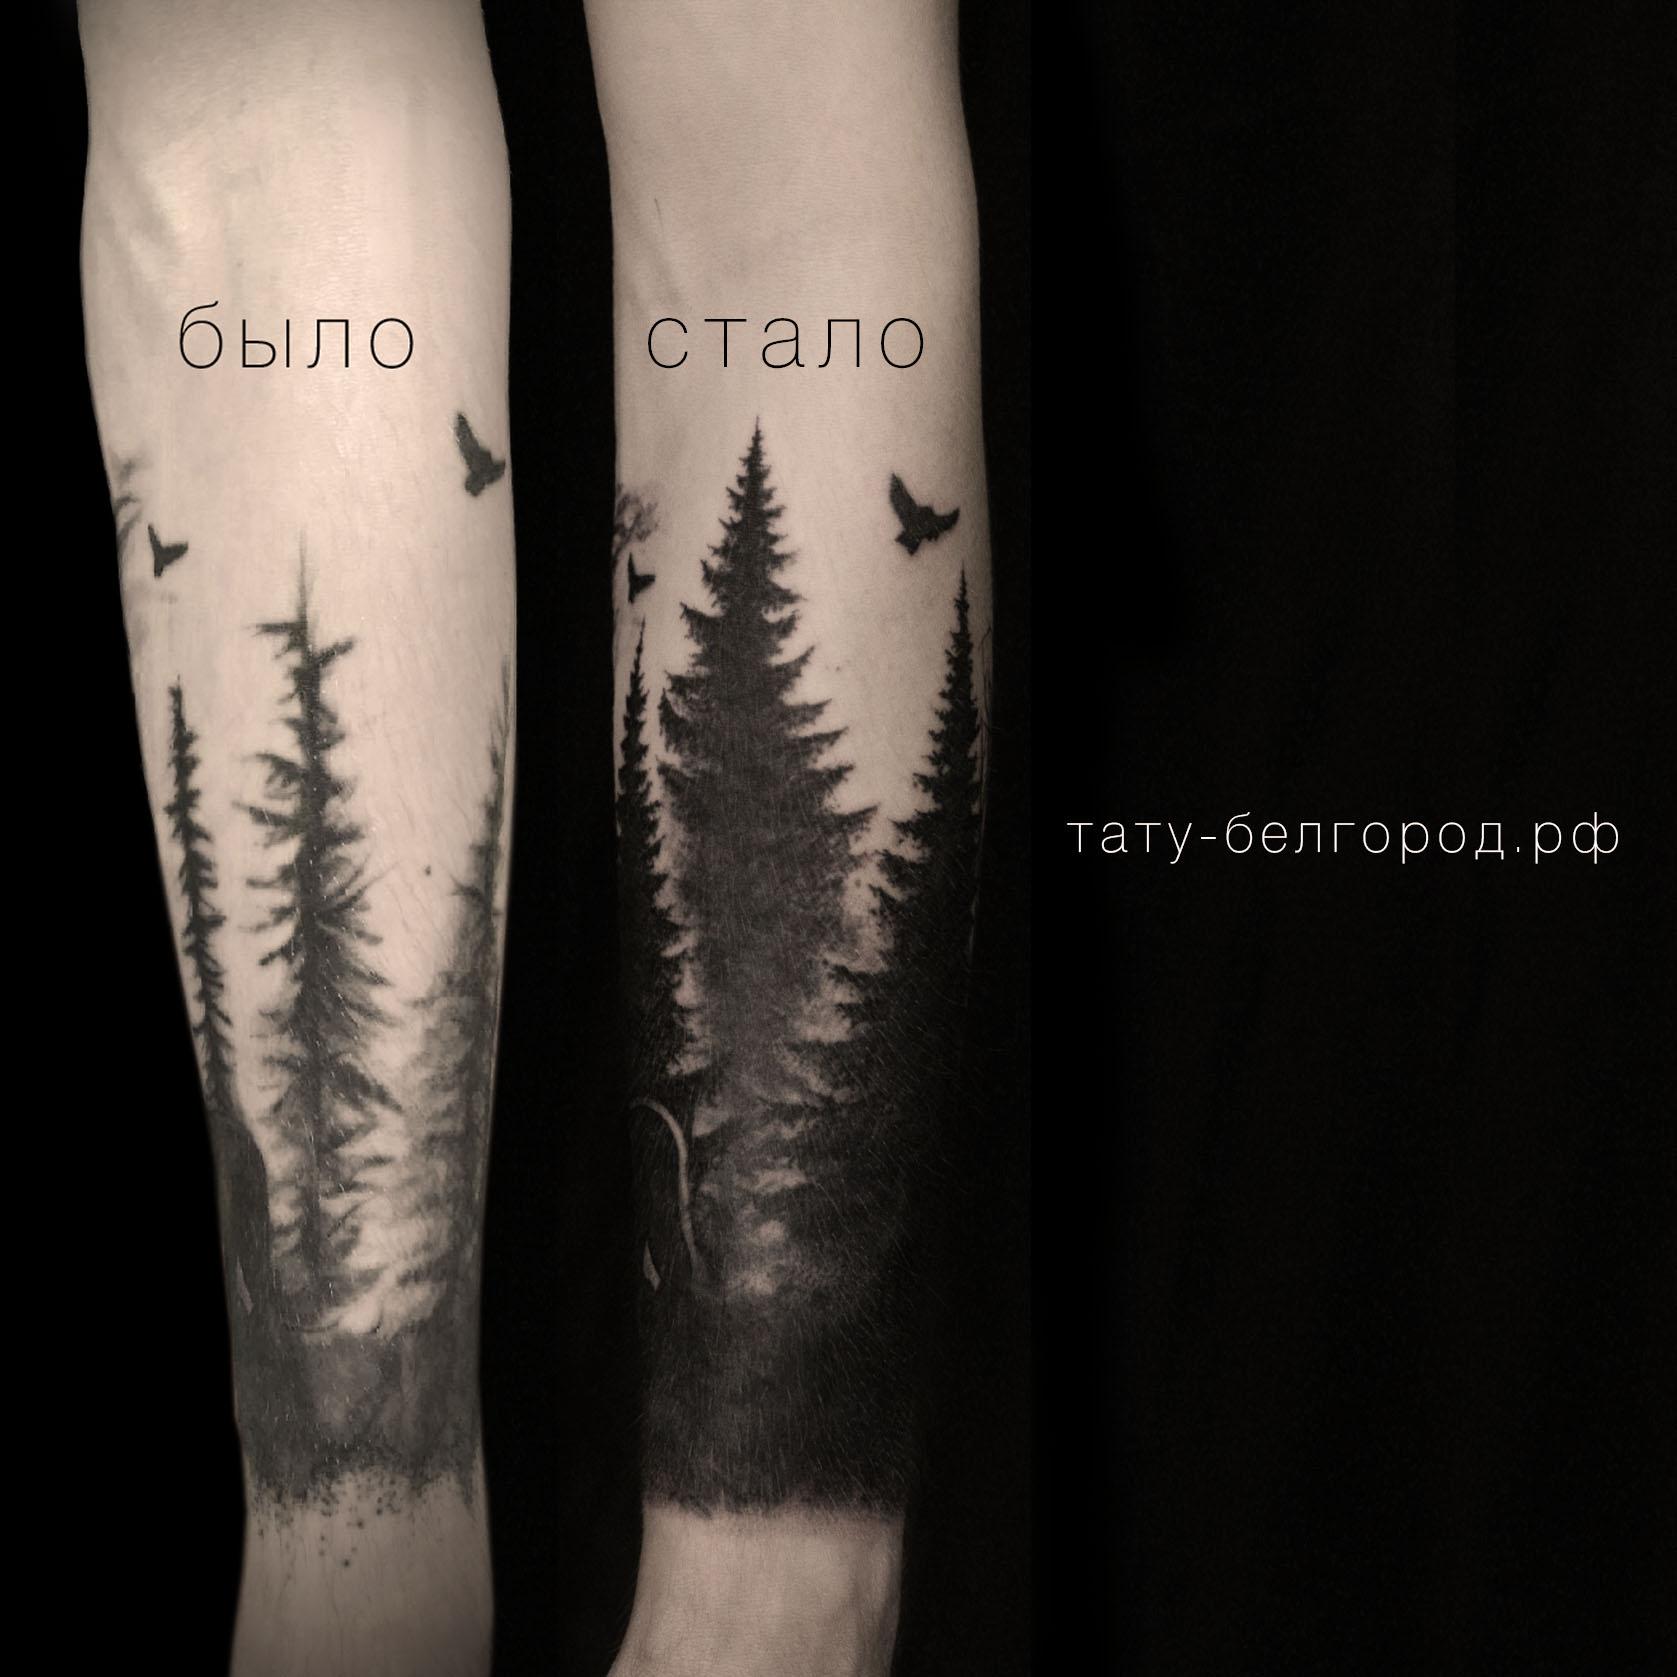 Фото татуировки, коррекция татутироки ле